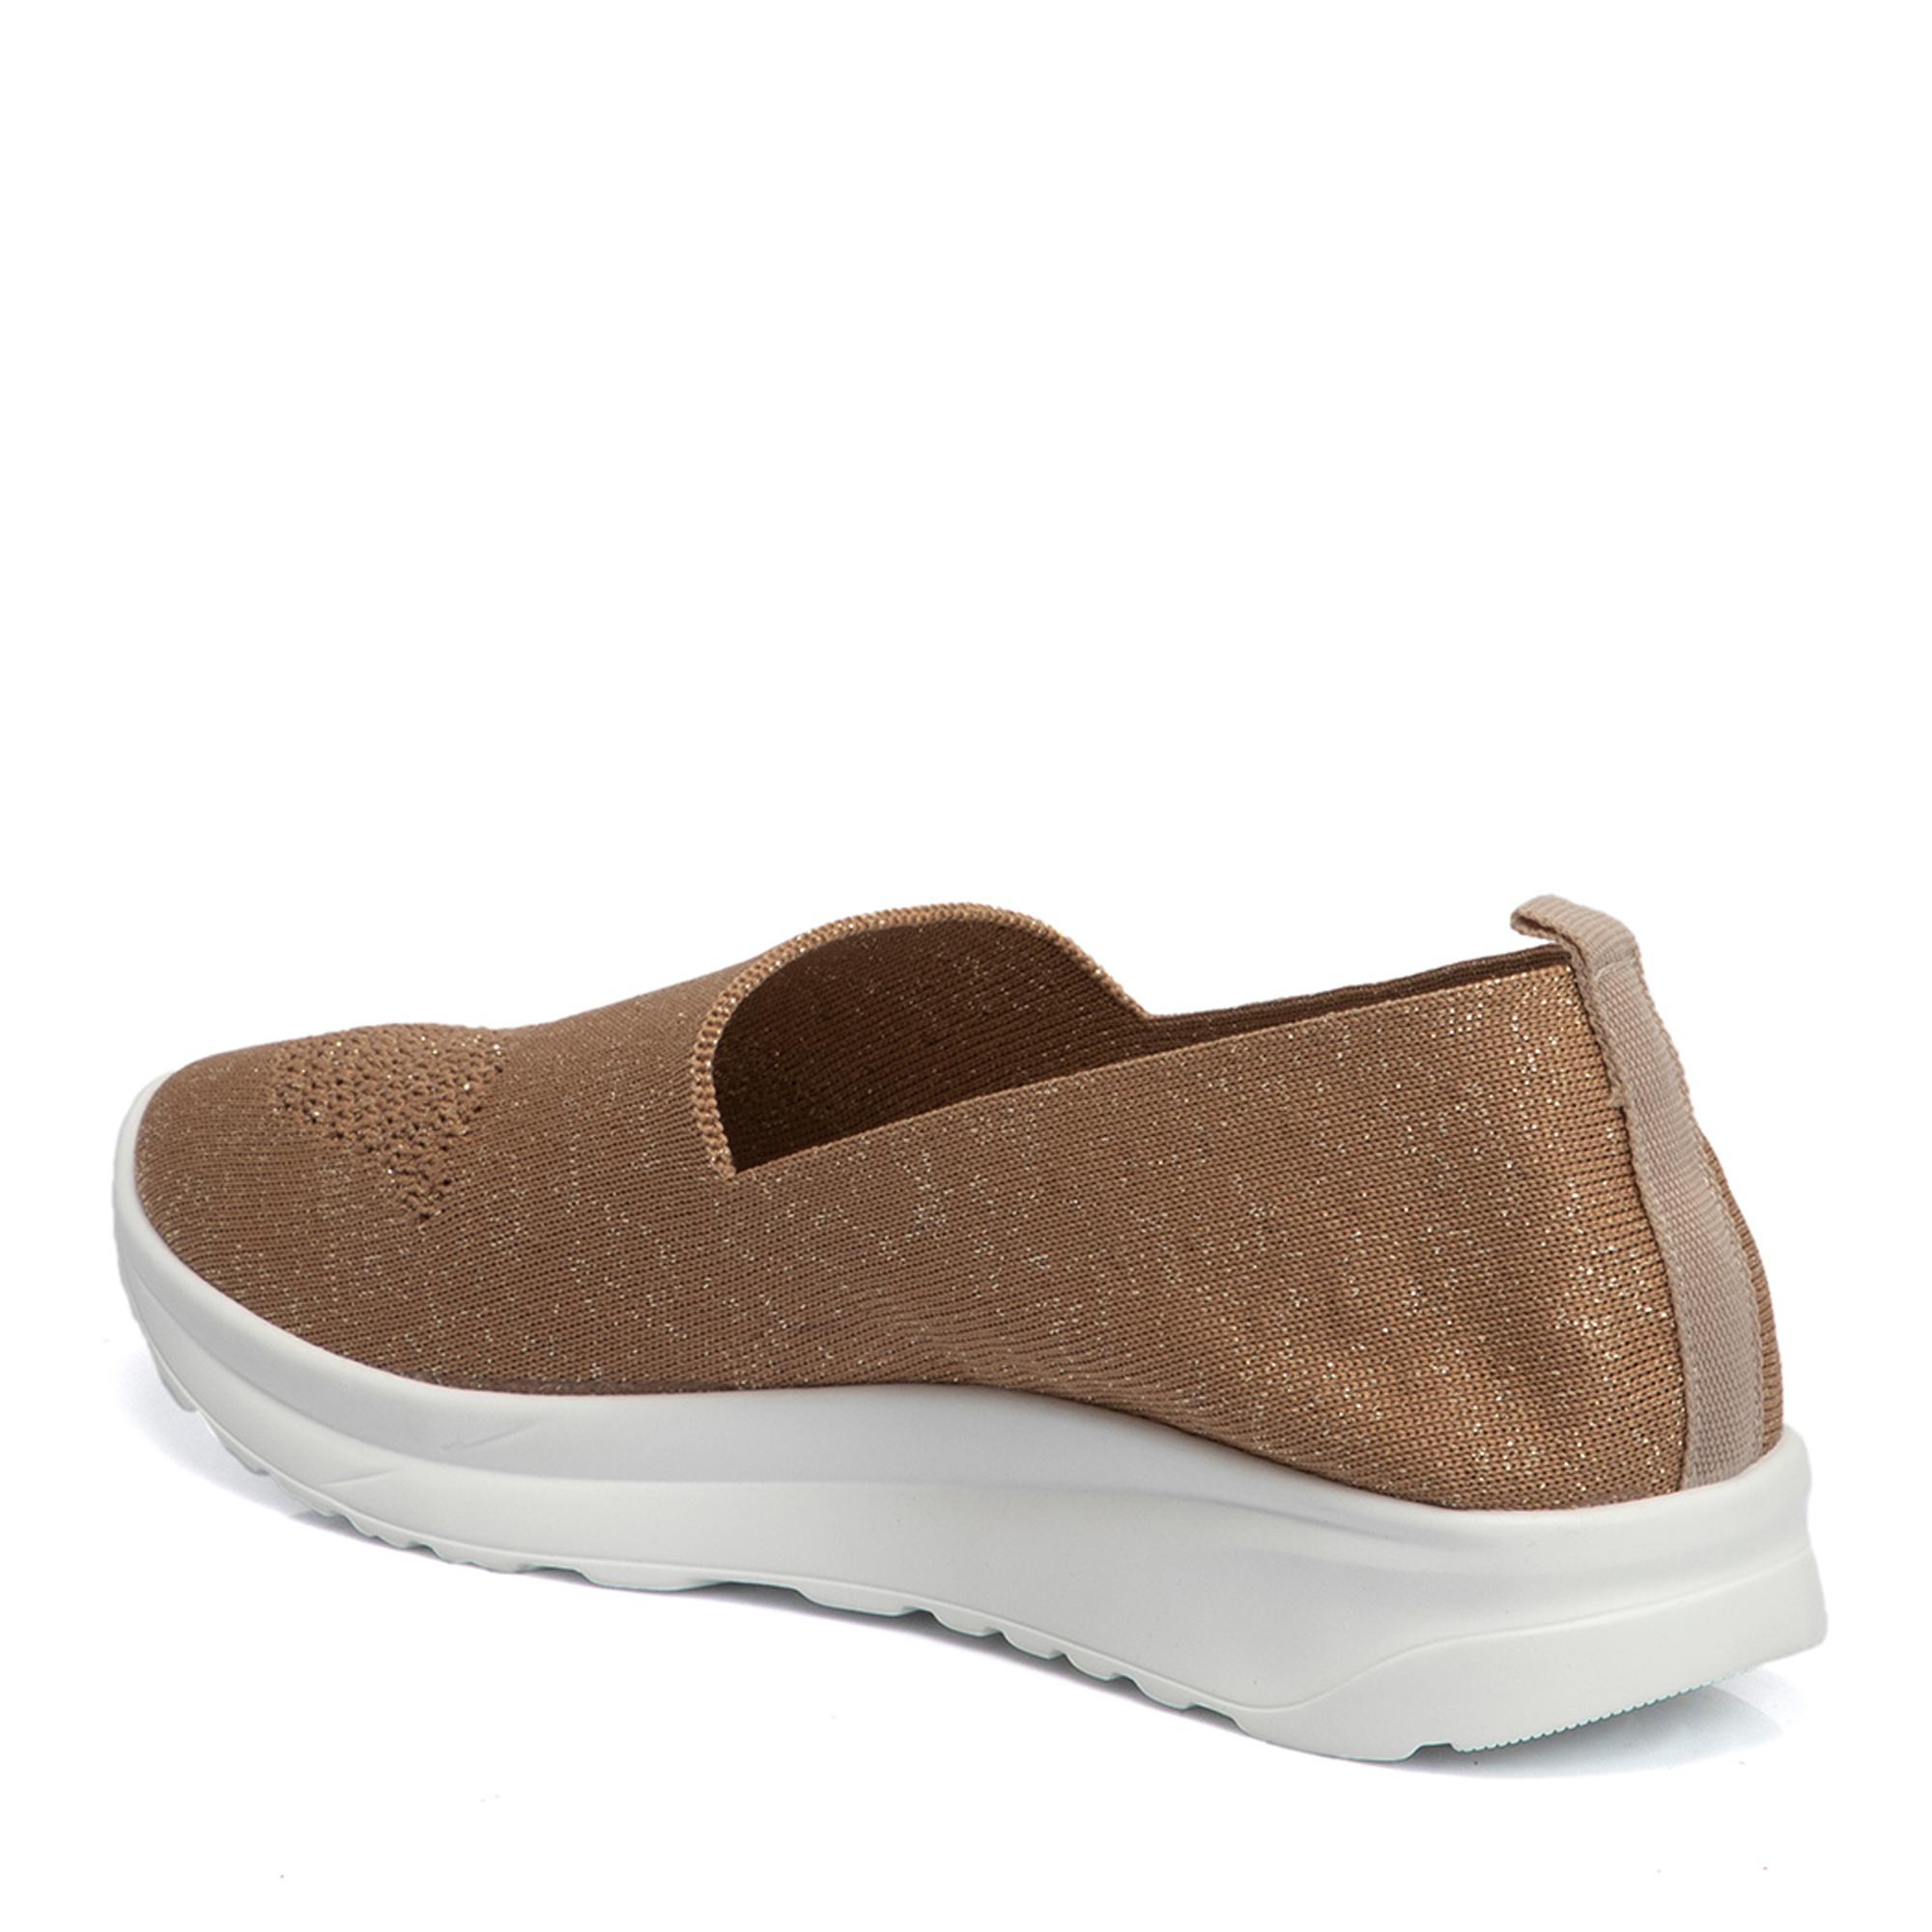 Bej Deri Kadın Ayakkabı 64504D67